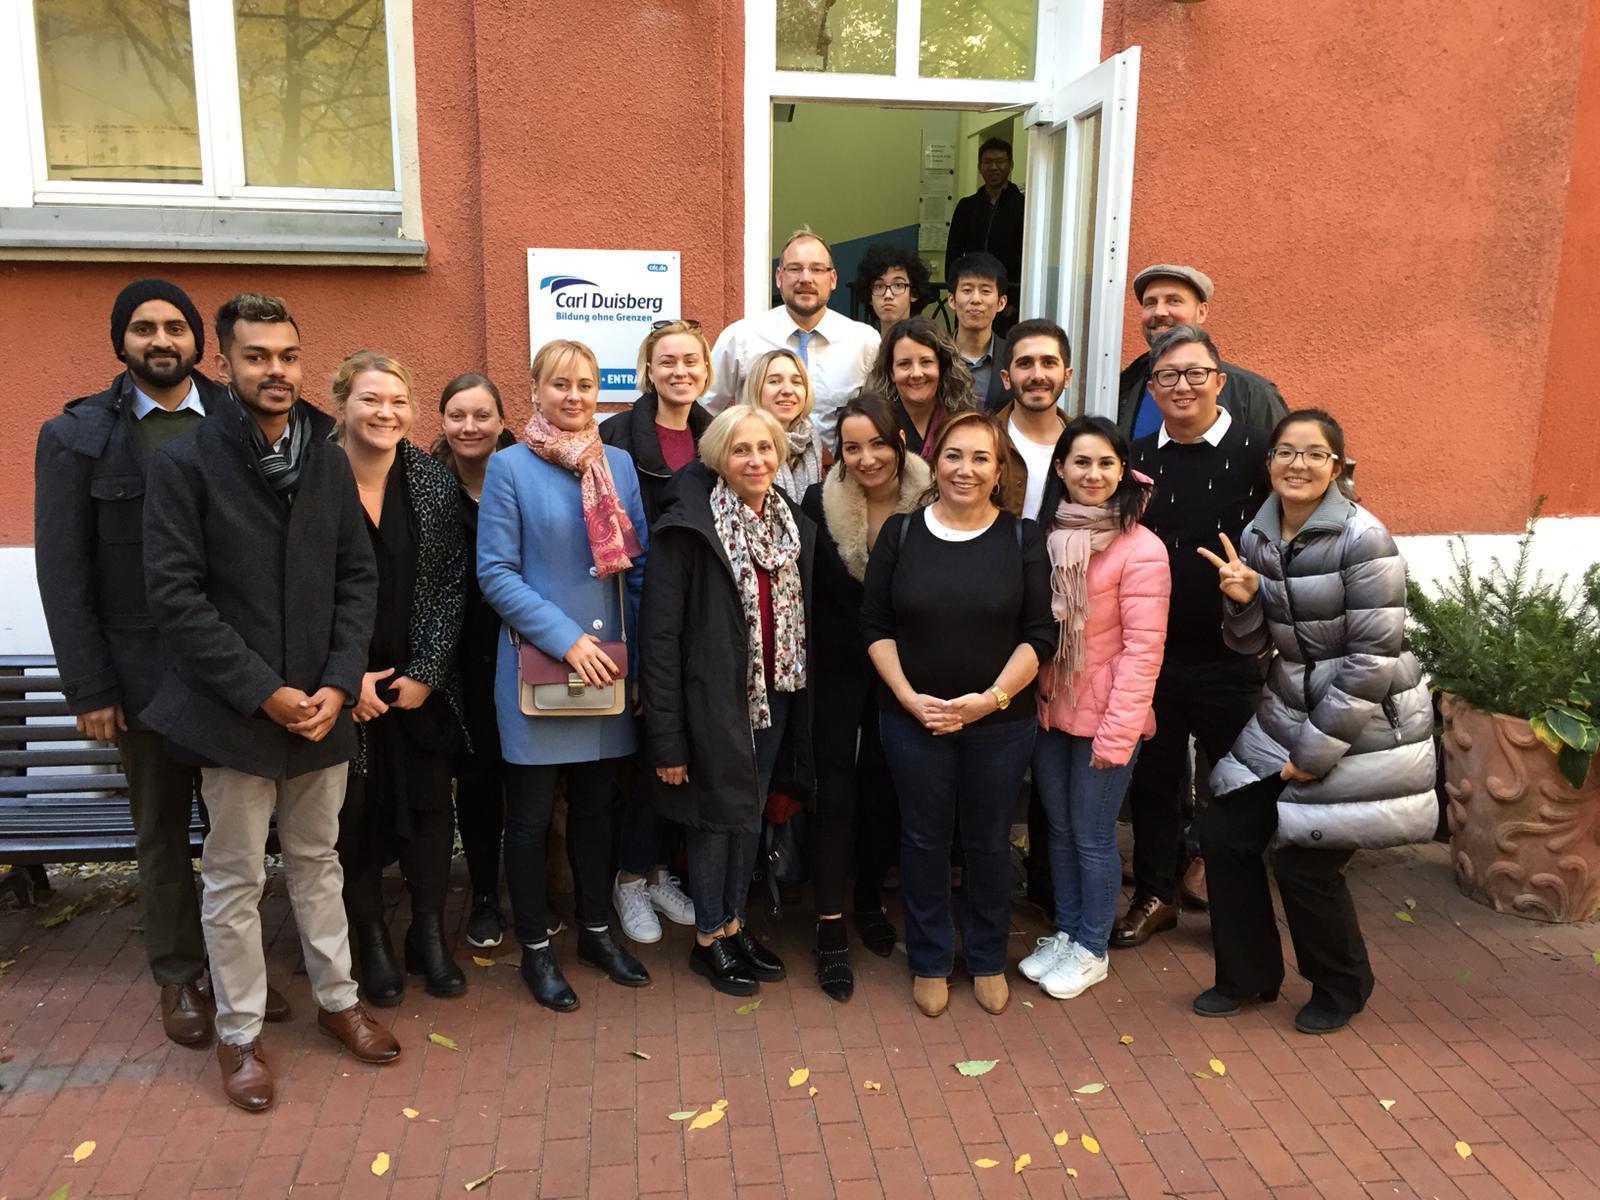 Carl Duisberg Center – курсы немецкого языка, Берлин